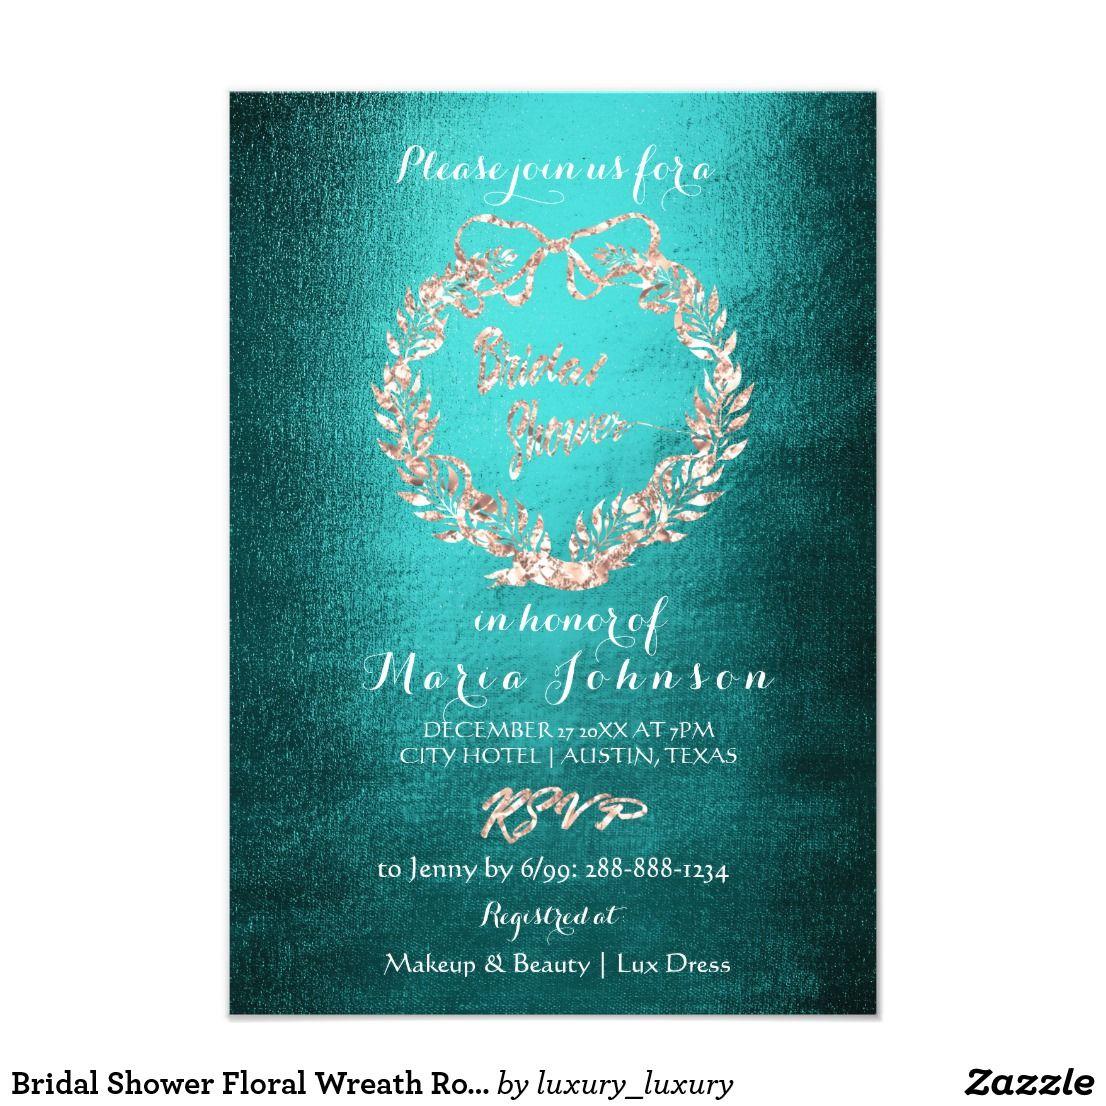 Bridal shower floral wreath rose gold teal invitation